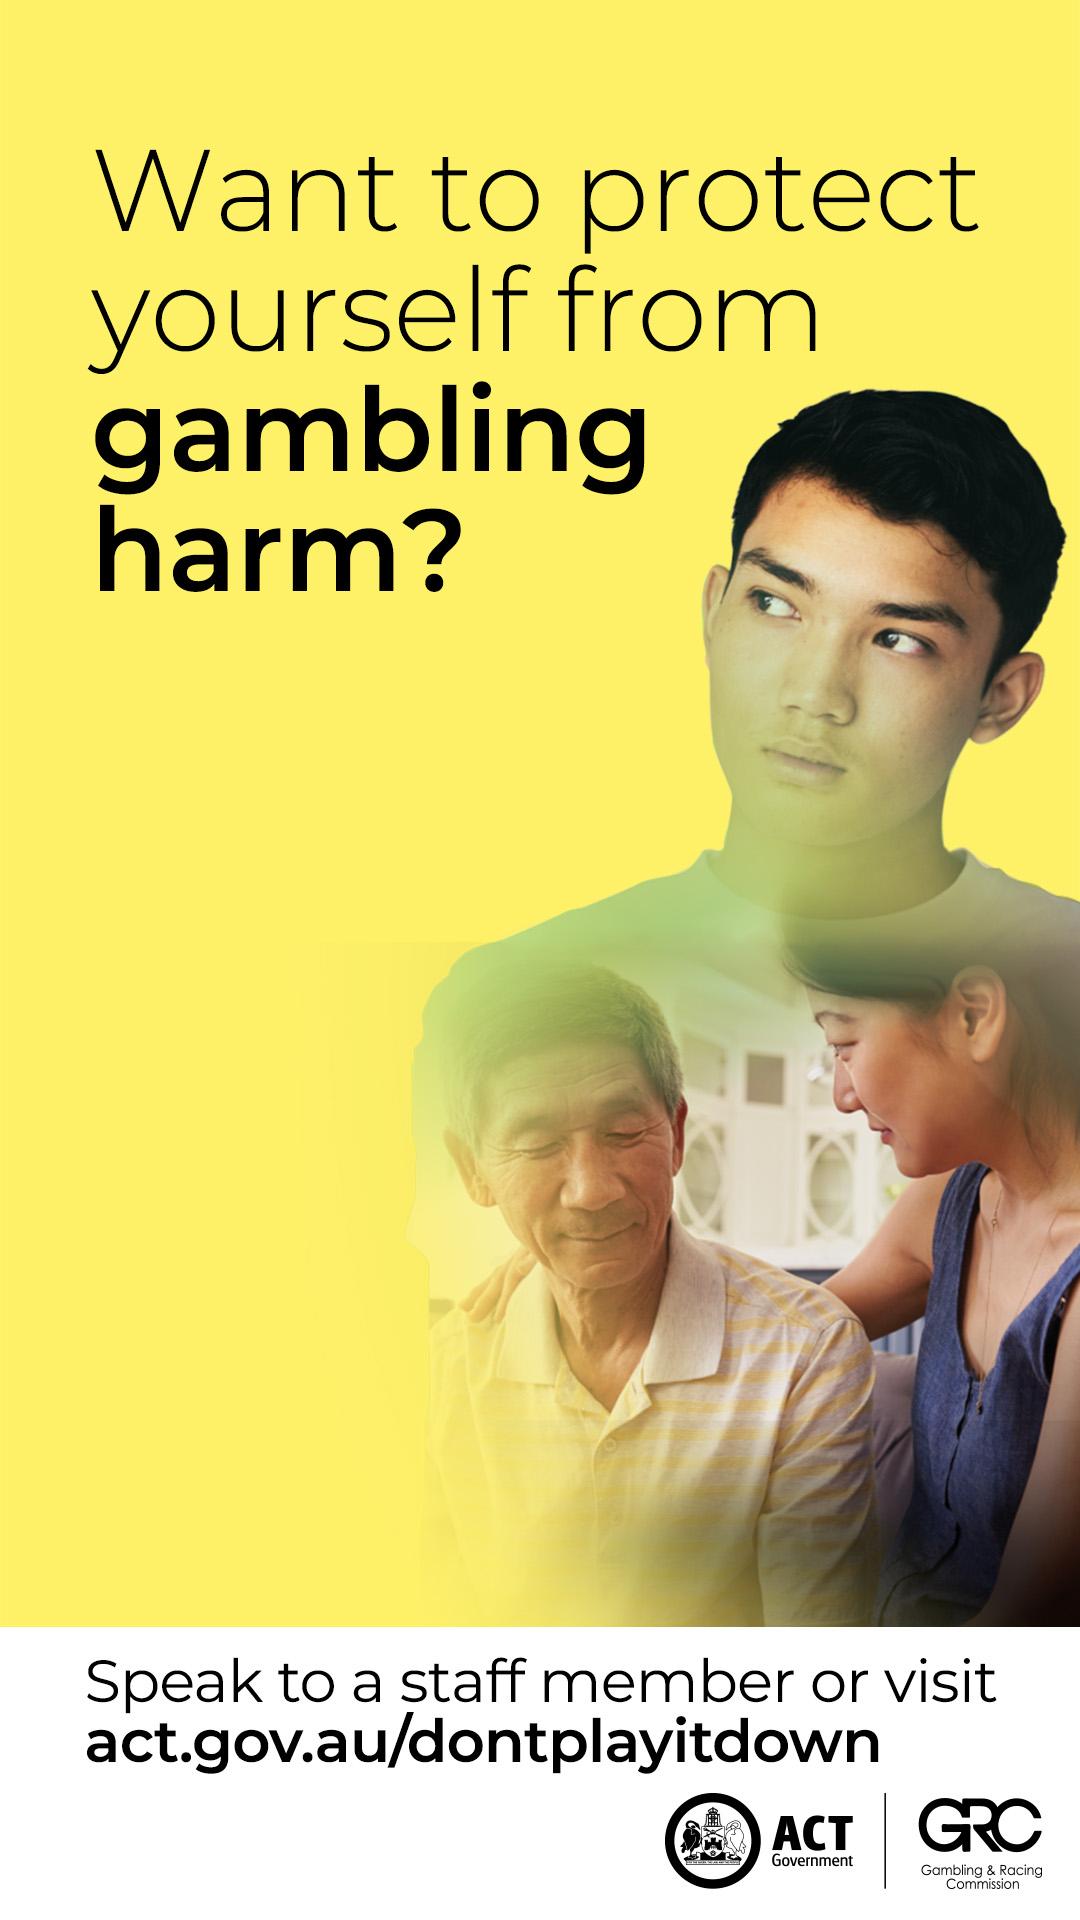 GRC Gambling Harm Ad Spending Less Time Elderly 1080x1920